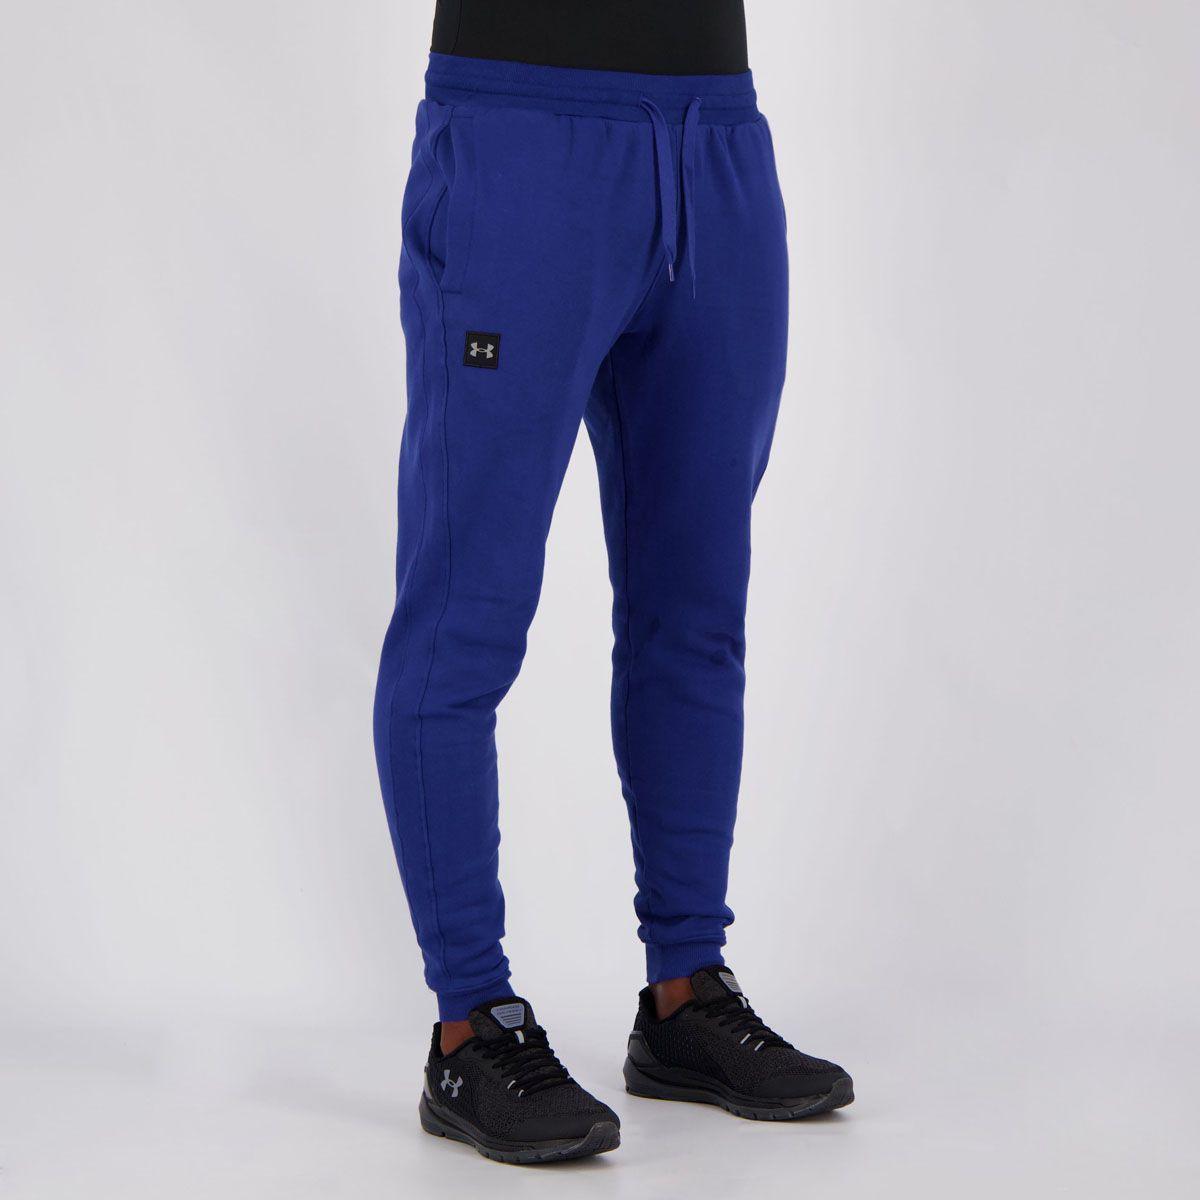 Calça Under Armour Rival Fleece Jogger Masculina - Azul